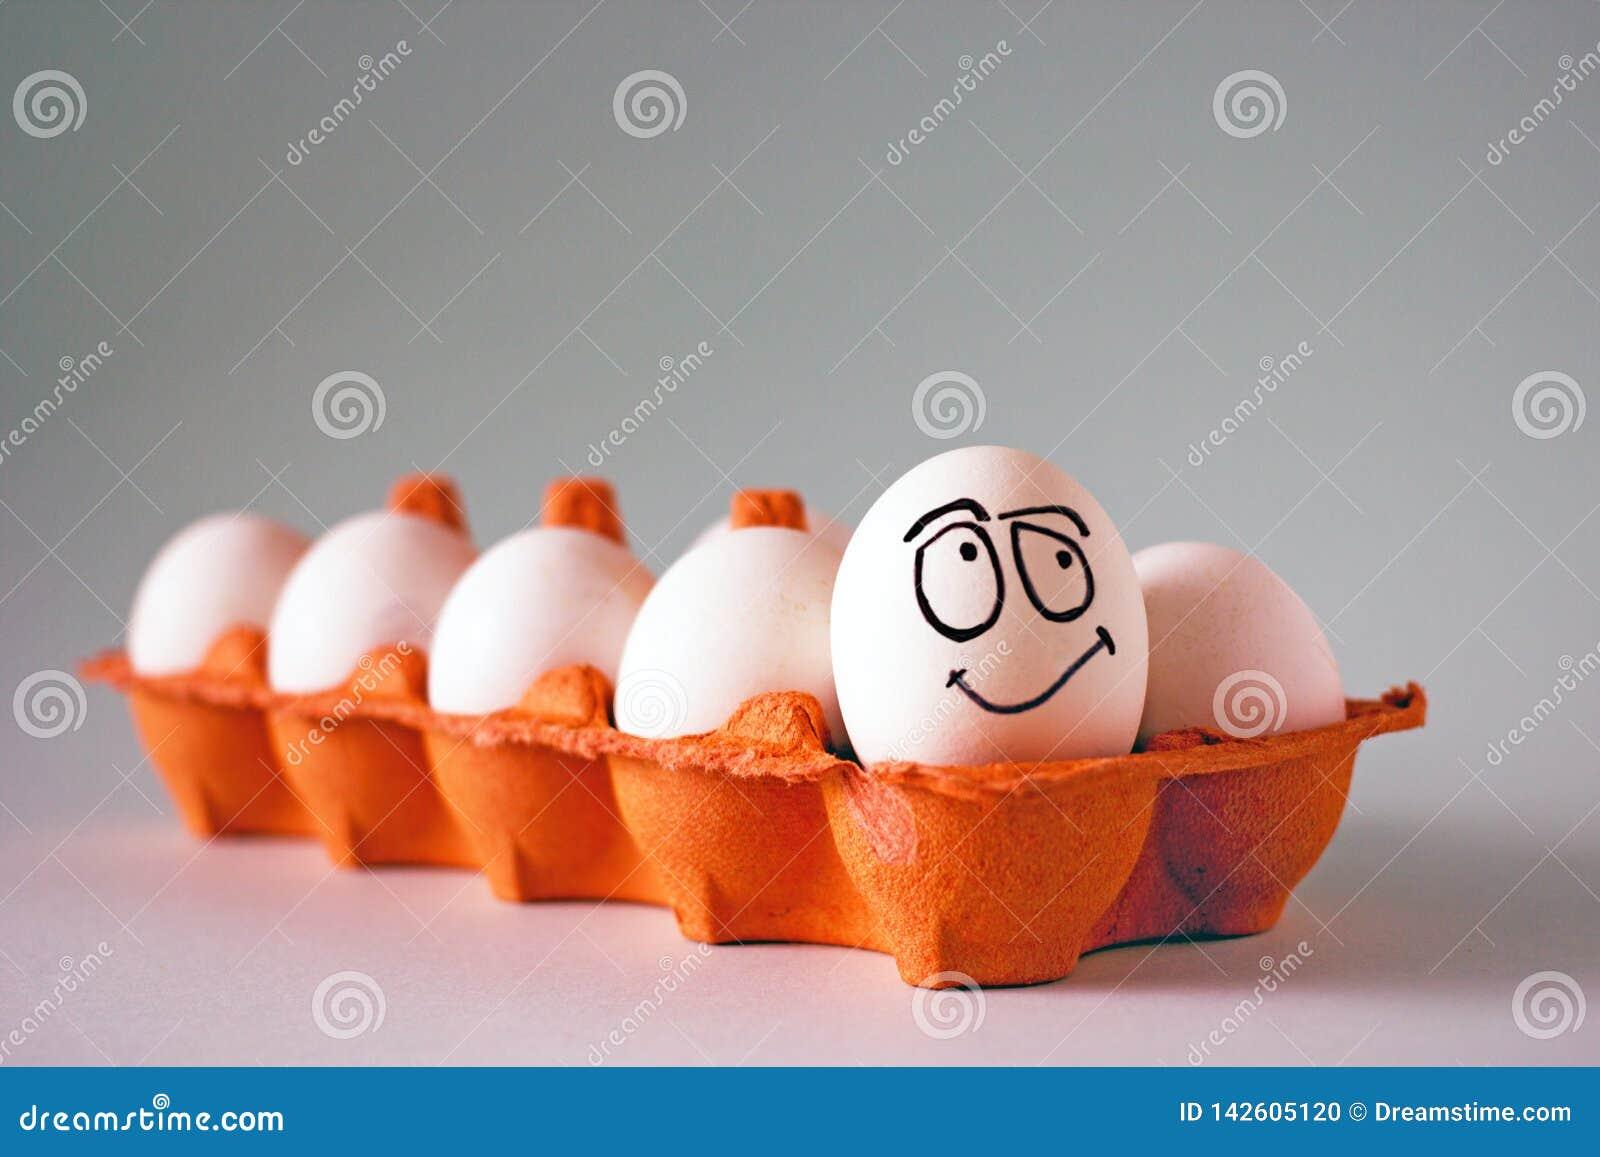 Ovos brancos da galinha engraçada com caras em uma pilha de ovo